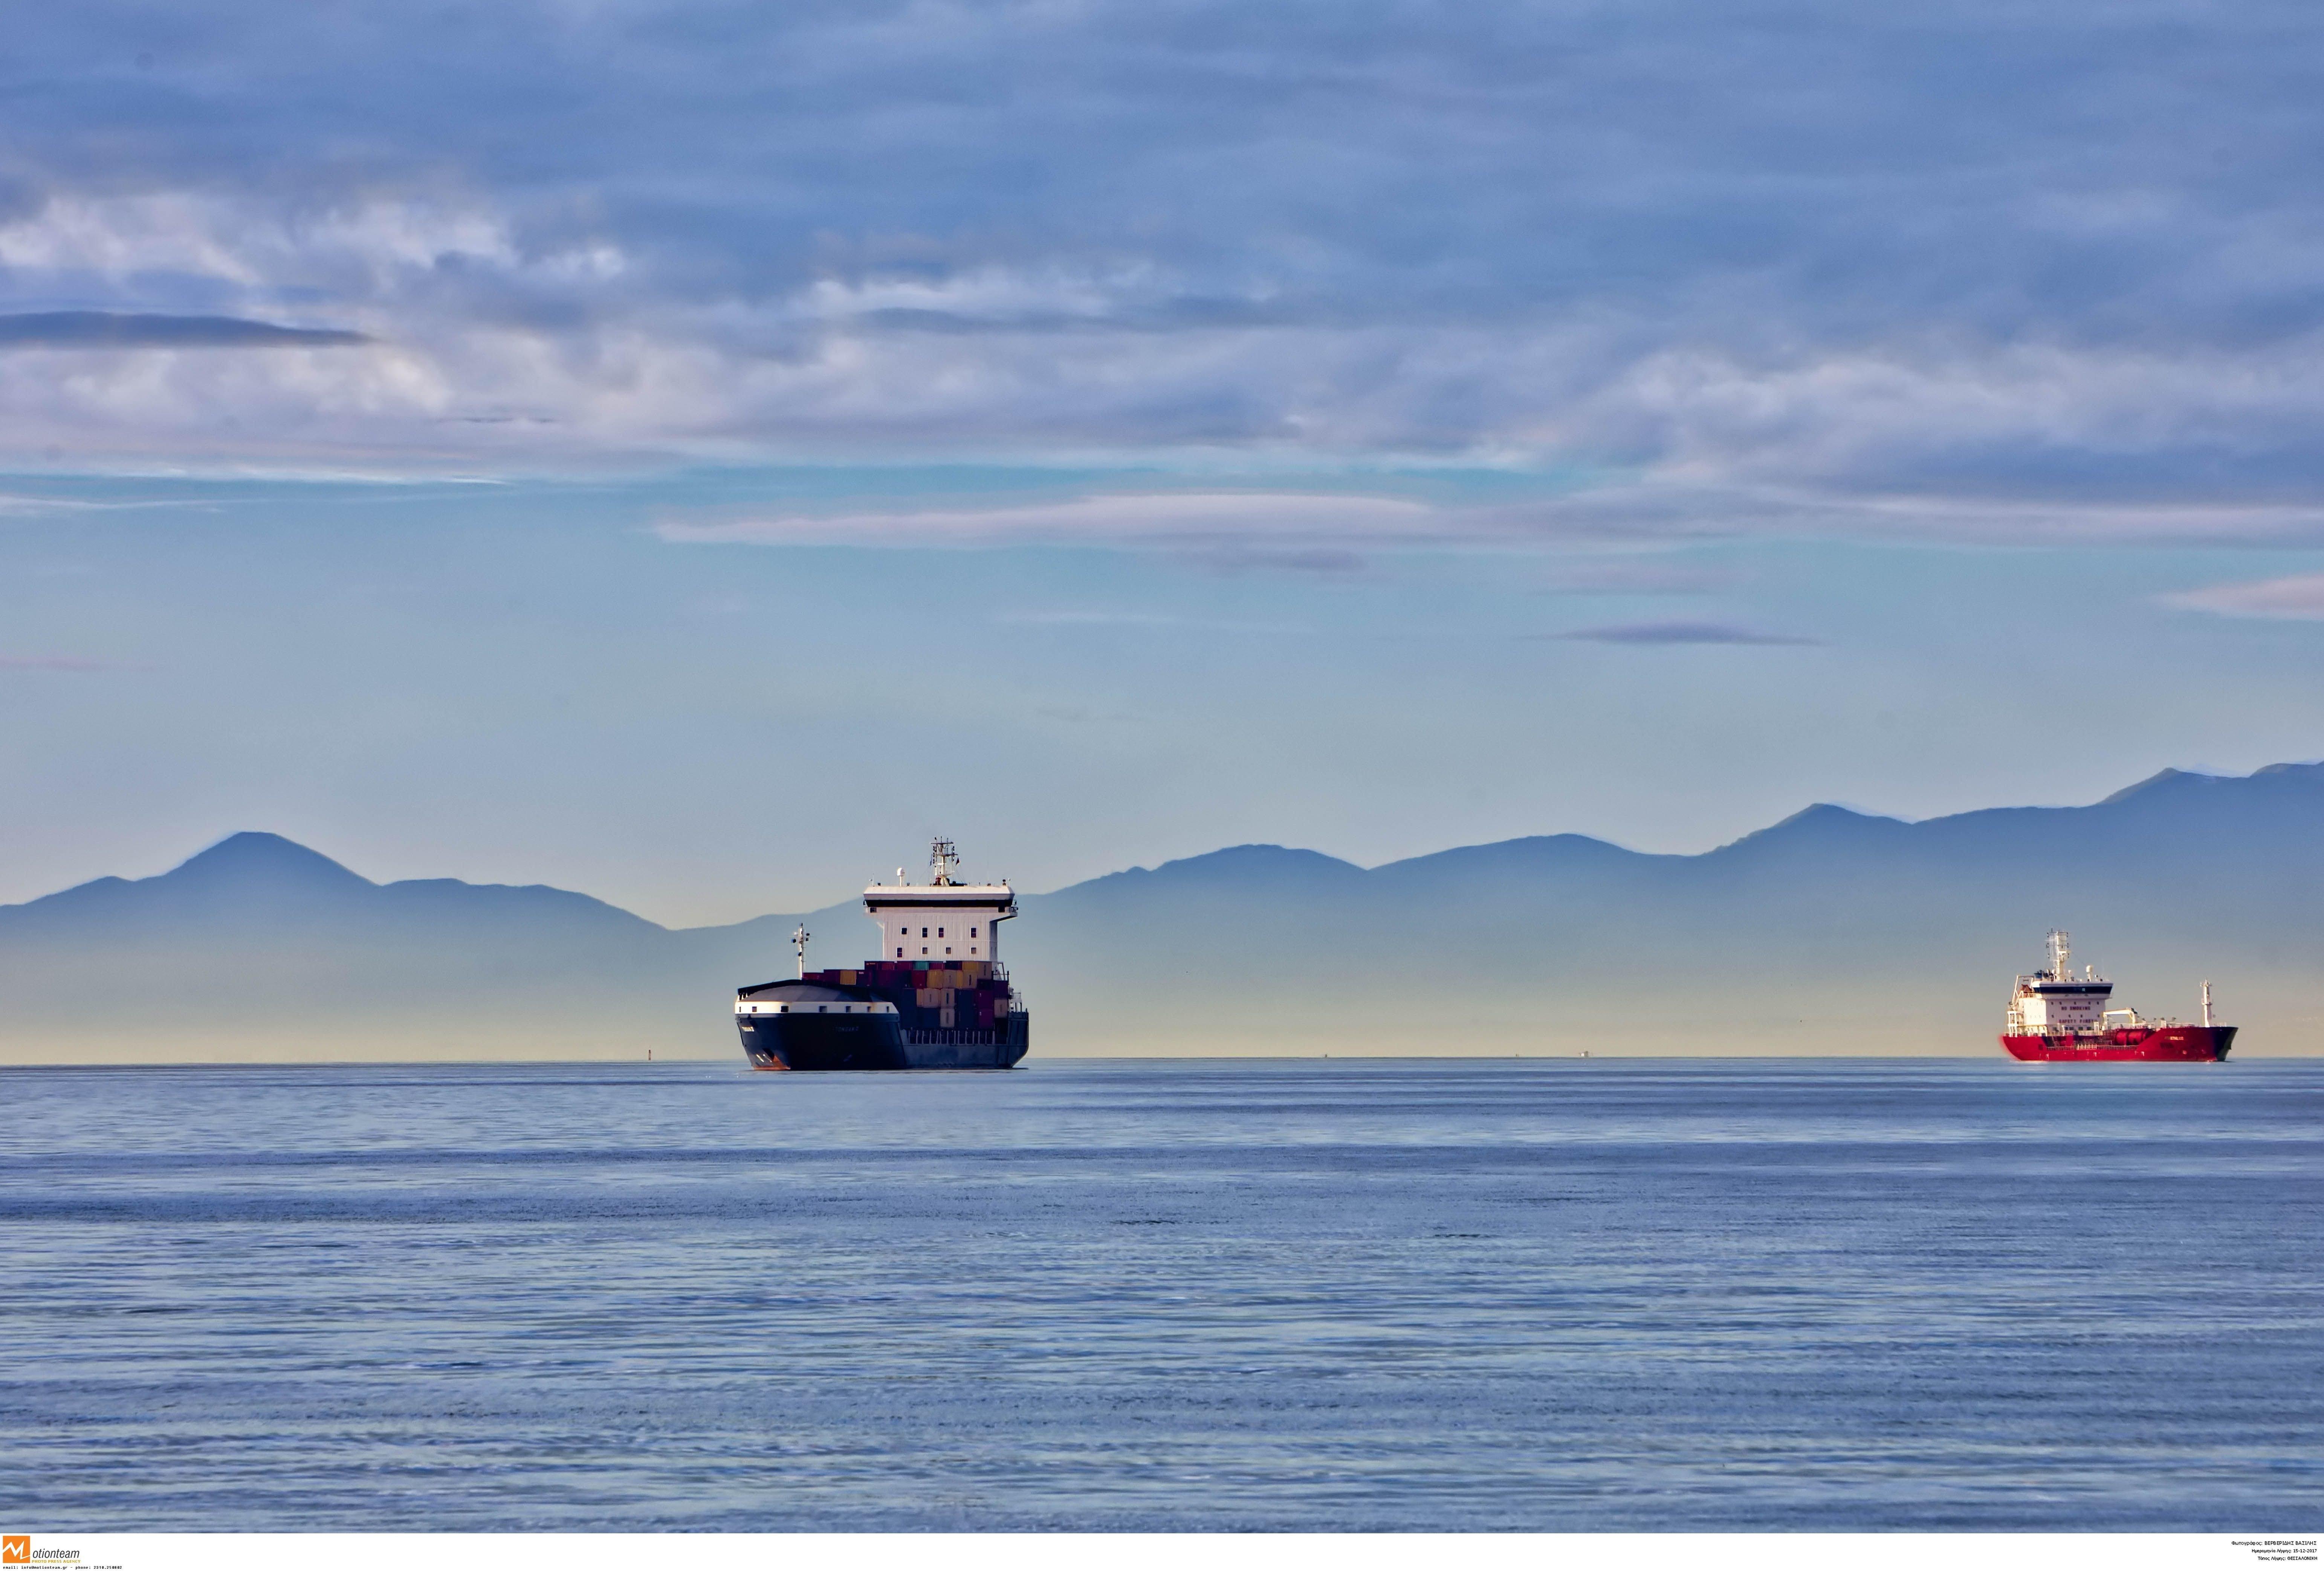 Πότε αρχίζει το δρομολόγιο που θα συνδέει ακτοπλοϊκά τη Θεσσαλονίκη με τις